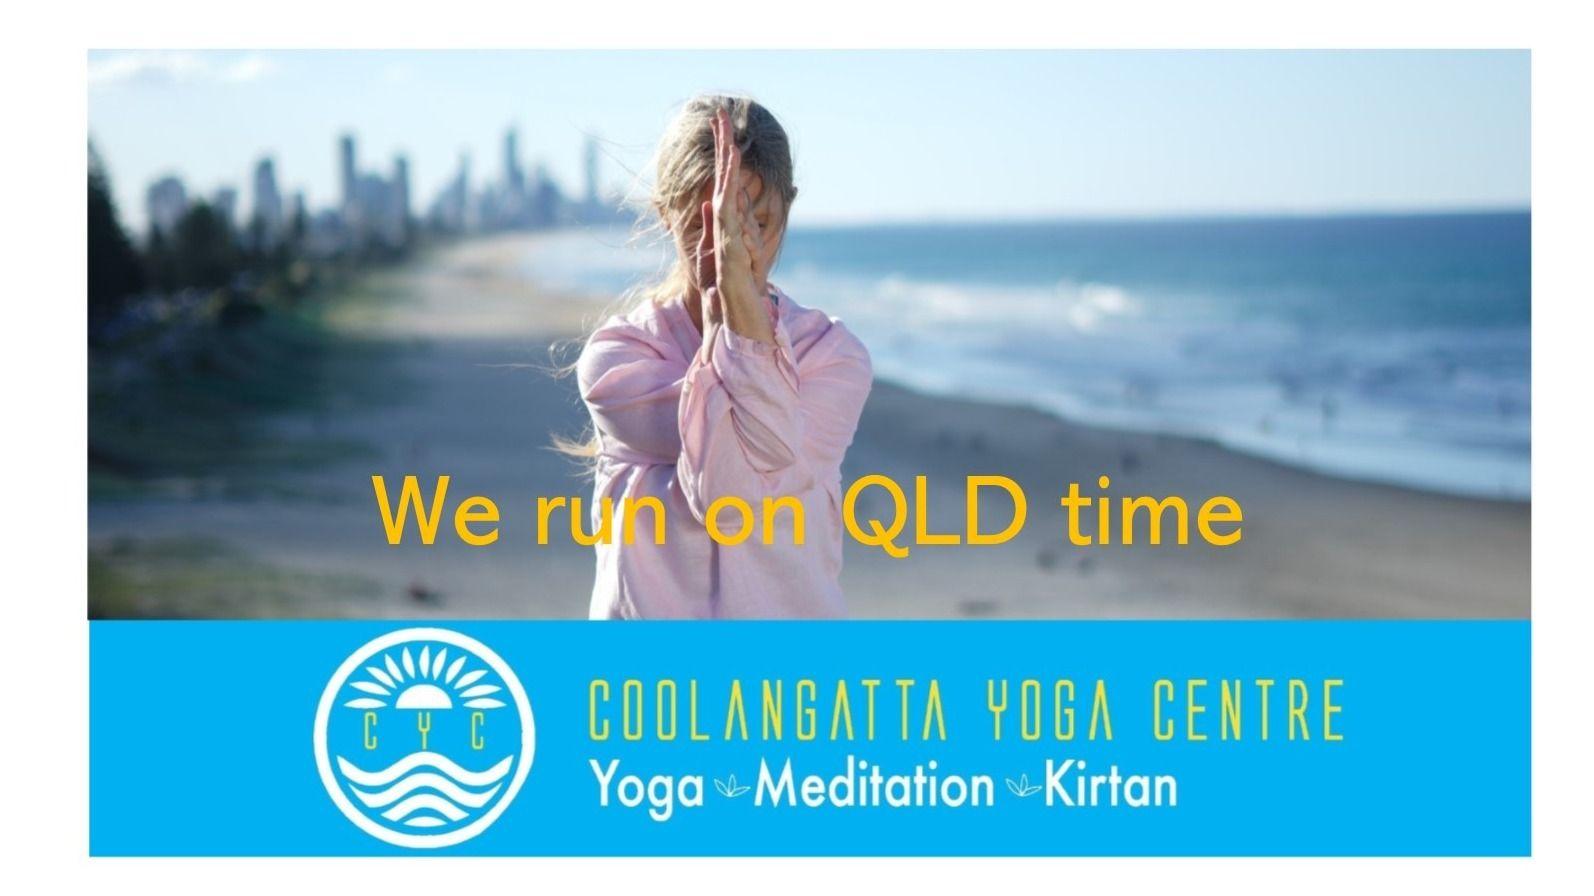 Coolangatta Yoga Centre